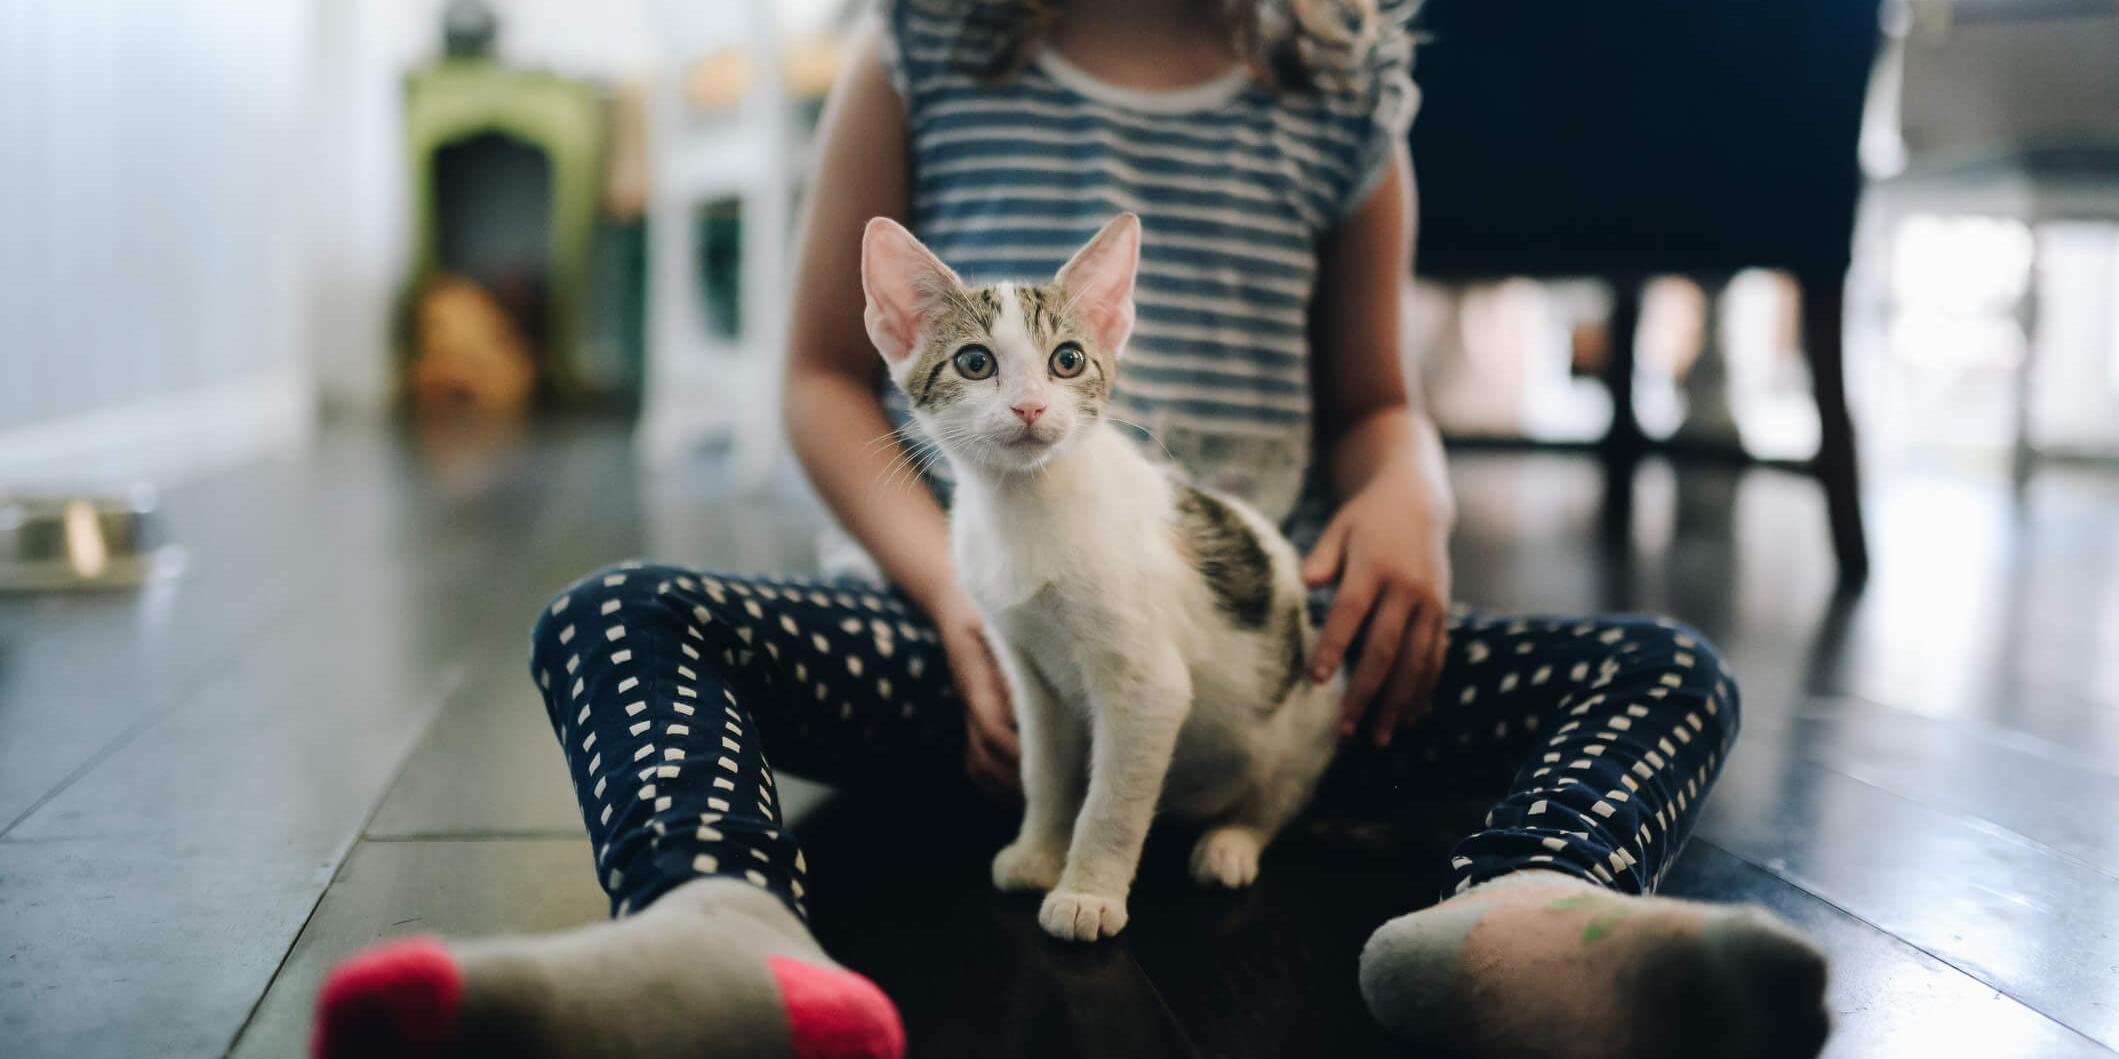 Quelles maladies peuvent être transmises par les animaux de compagnie  ?